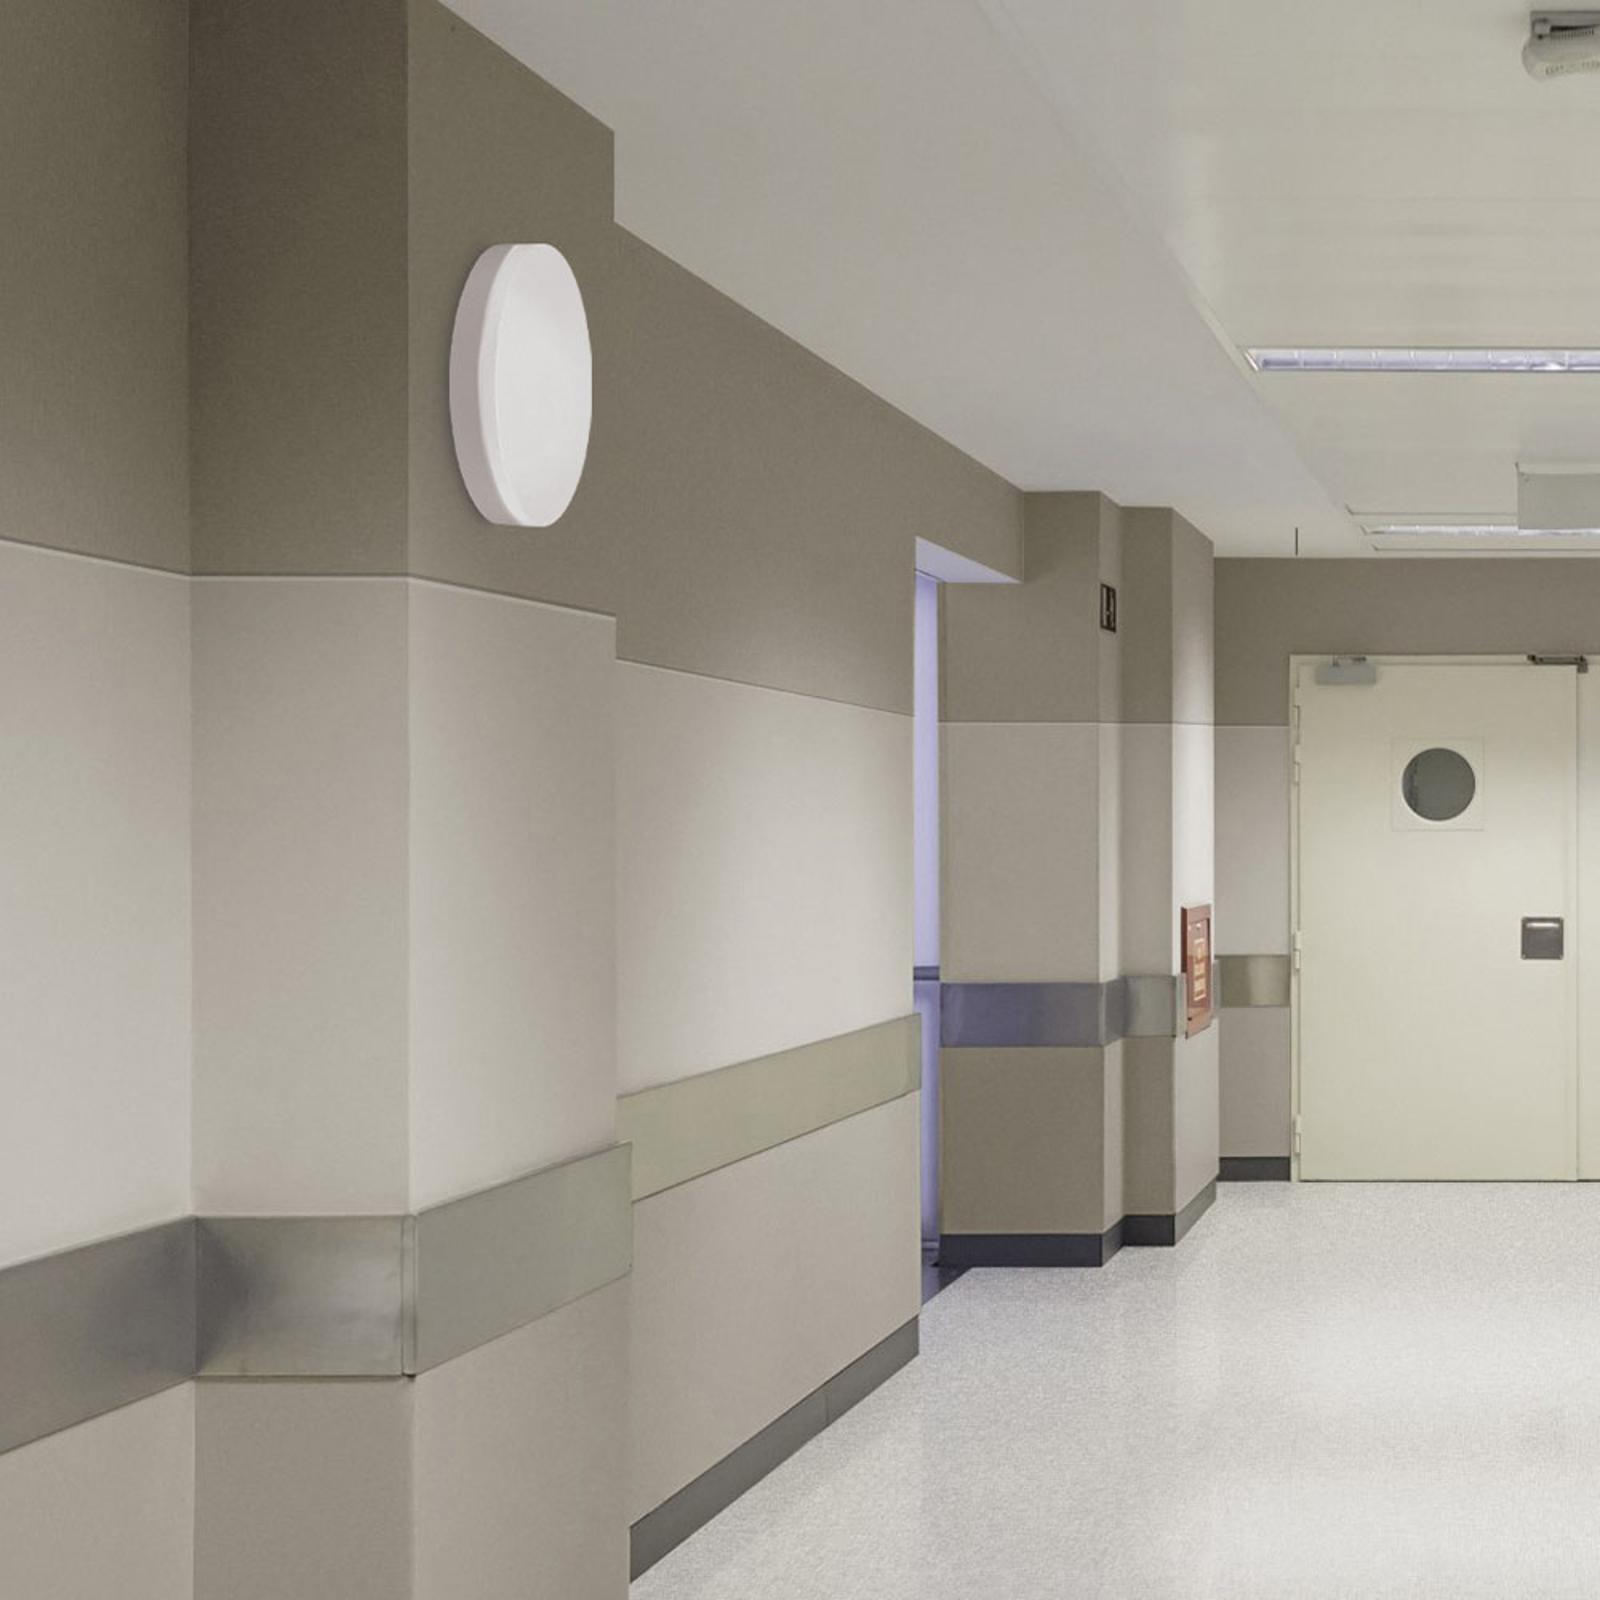 Lampa sufitowa LED do łazienki Madison, czujnik